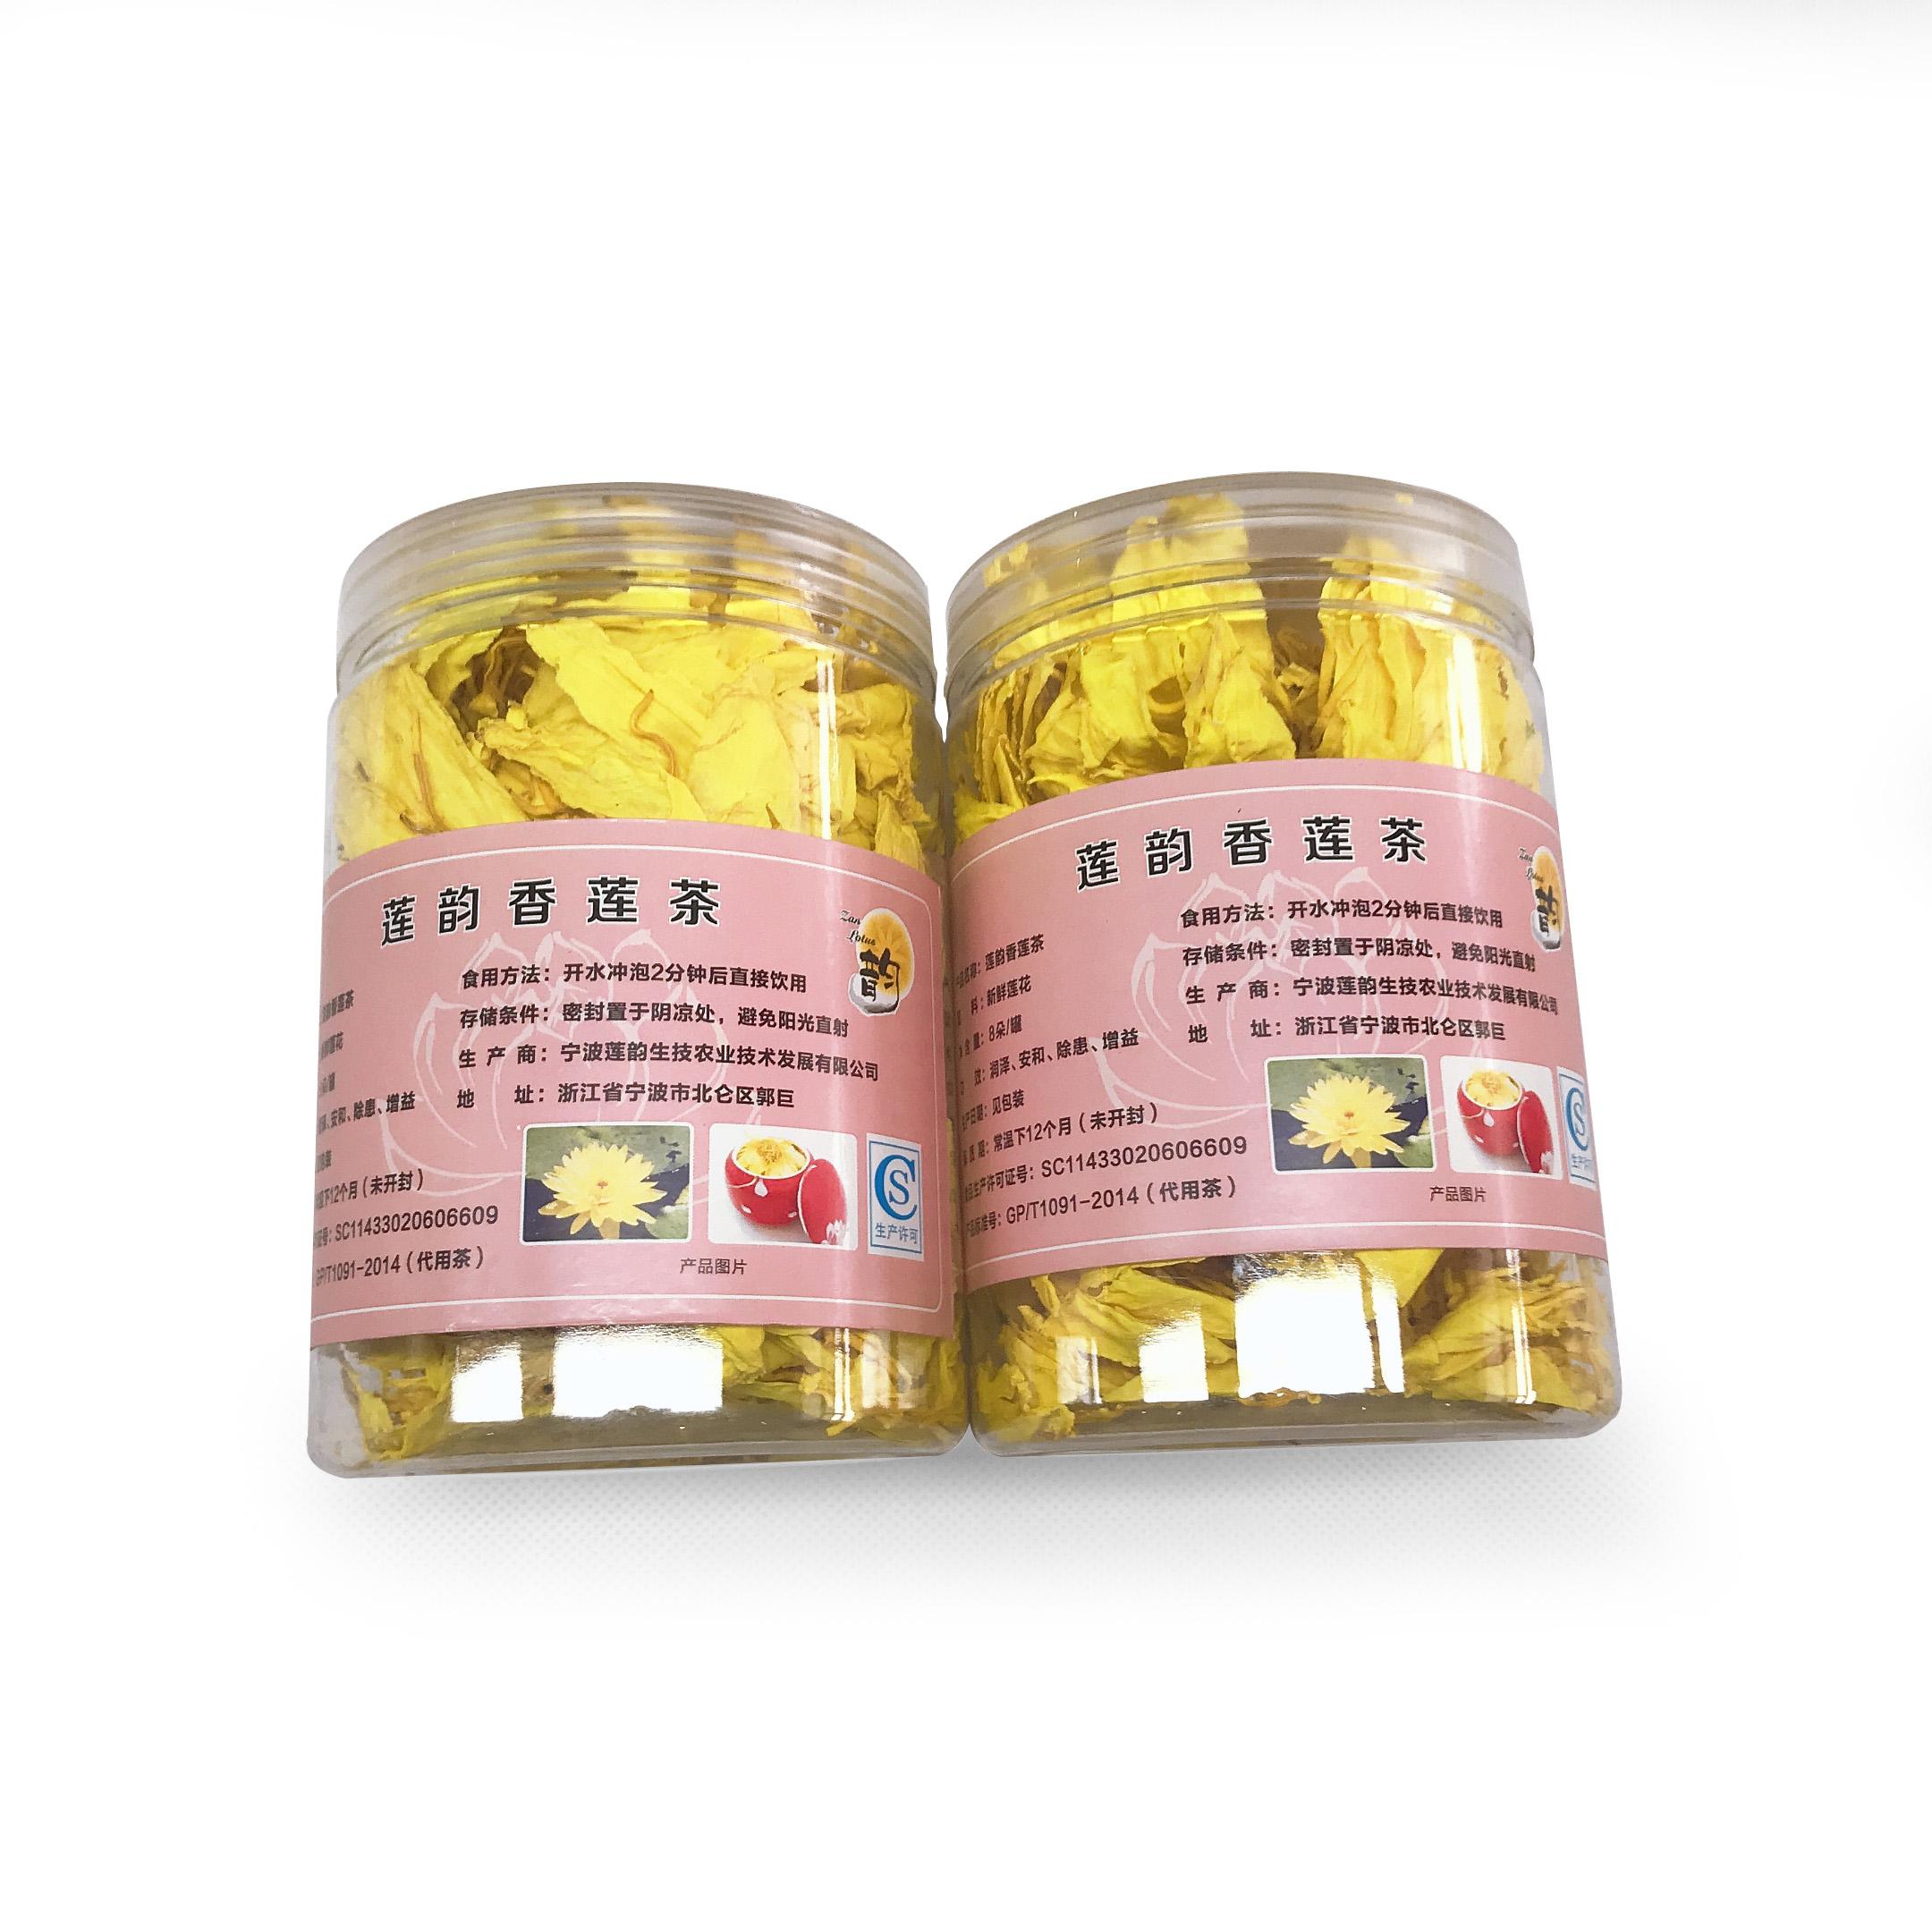 Nutritive lotus flower tea Lotus leaf tea yellow tea - 4uTea | 4uTea.com